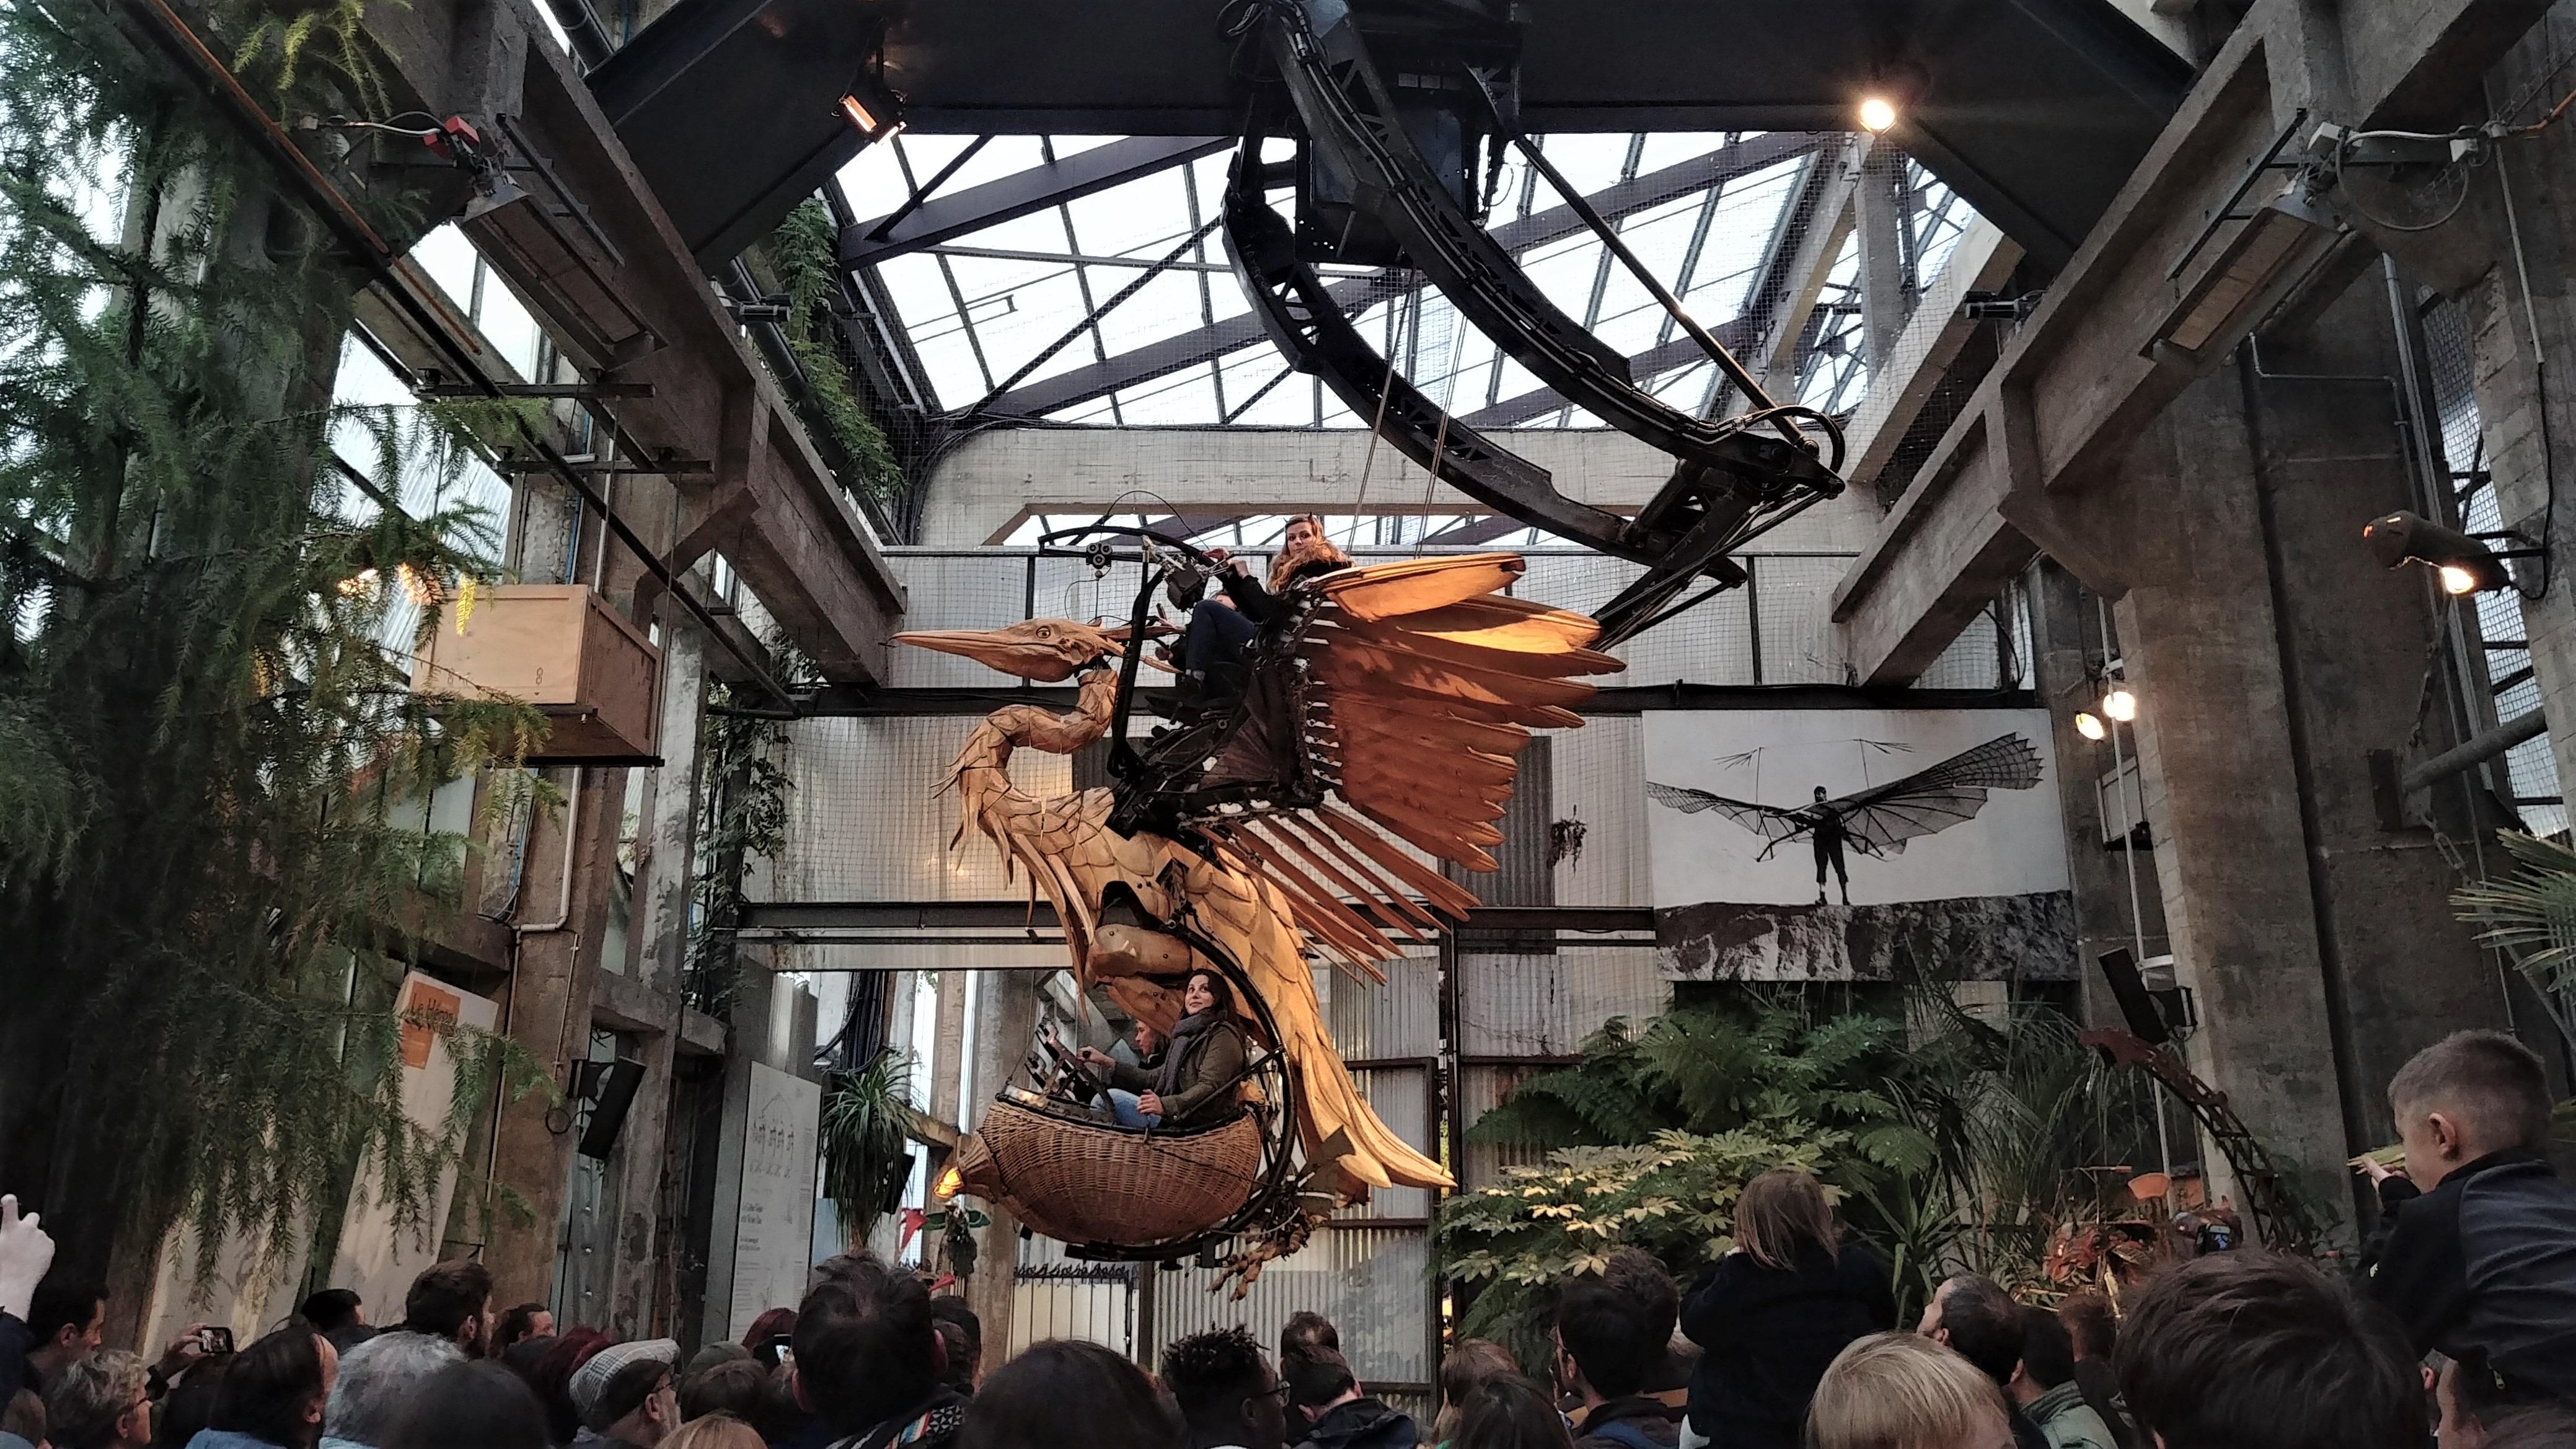 Nantes nid aux herons machines de l'ile elephant infos pratiques visite steampunk blog voyage france arpenter le chemin